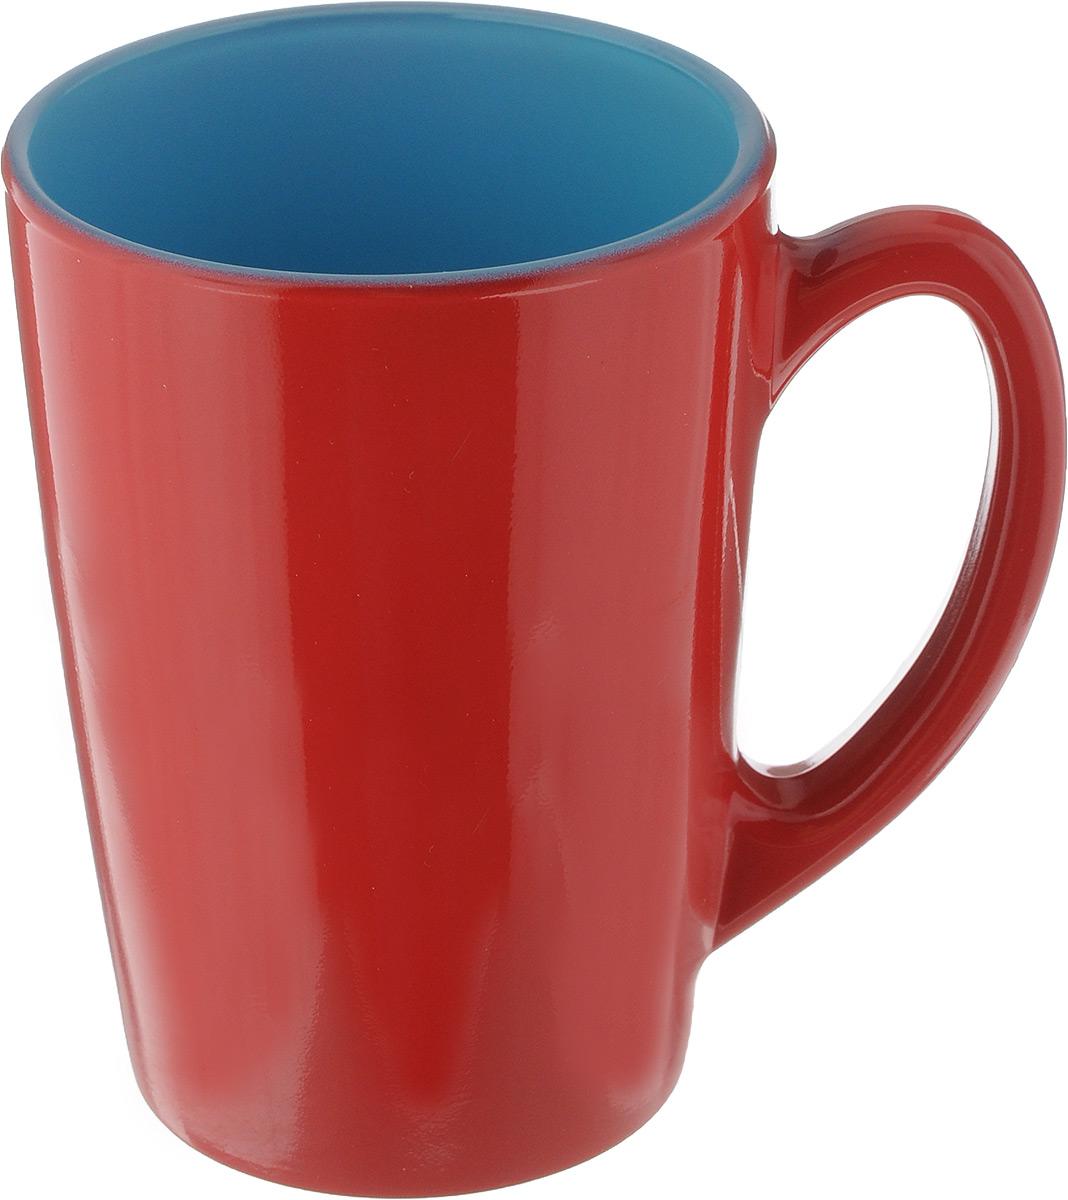 Кружка Luminarc Spring Break, цвет: красный, голубой, 320 мл. J3417-1VT-1520(SR)Кружка Luminarc Spring Break, изготовленная из ударопрочного стекла, прекрасно подойдет для горячих и холодных напитков. Она дополнит коллекцию вашей кухонной посуды и будет служить долгие годы. Можно использовать в микроволновой печи и мыть в посудомоечной машине. Диаметр кружки (по верхнему краю): 8 см.Высота стенки кружки: 11 см.